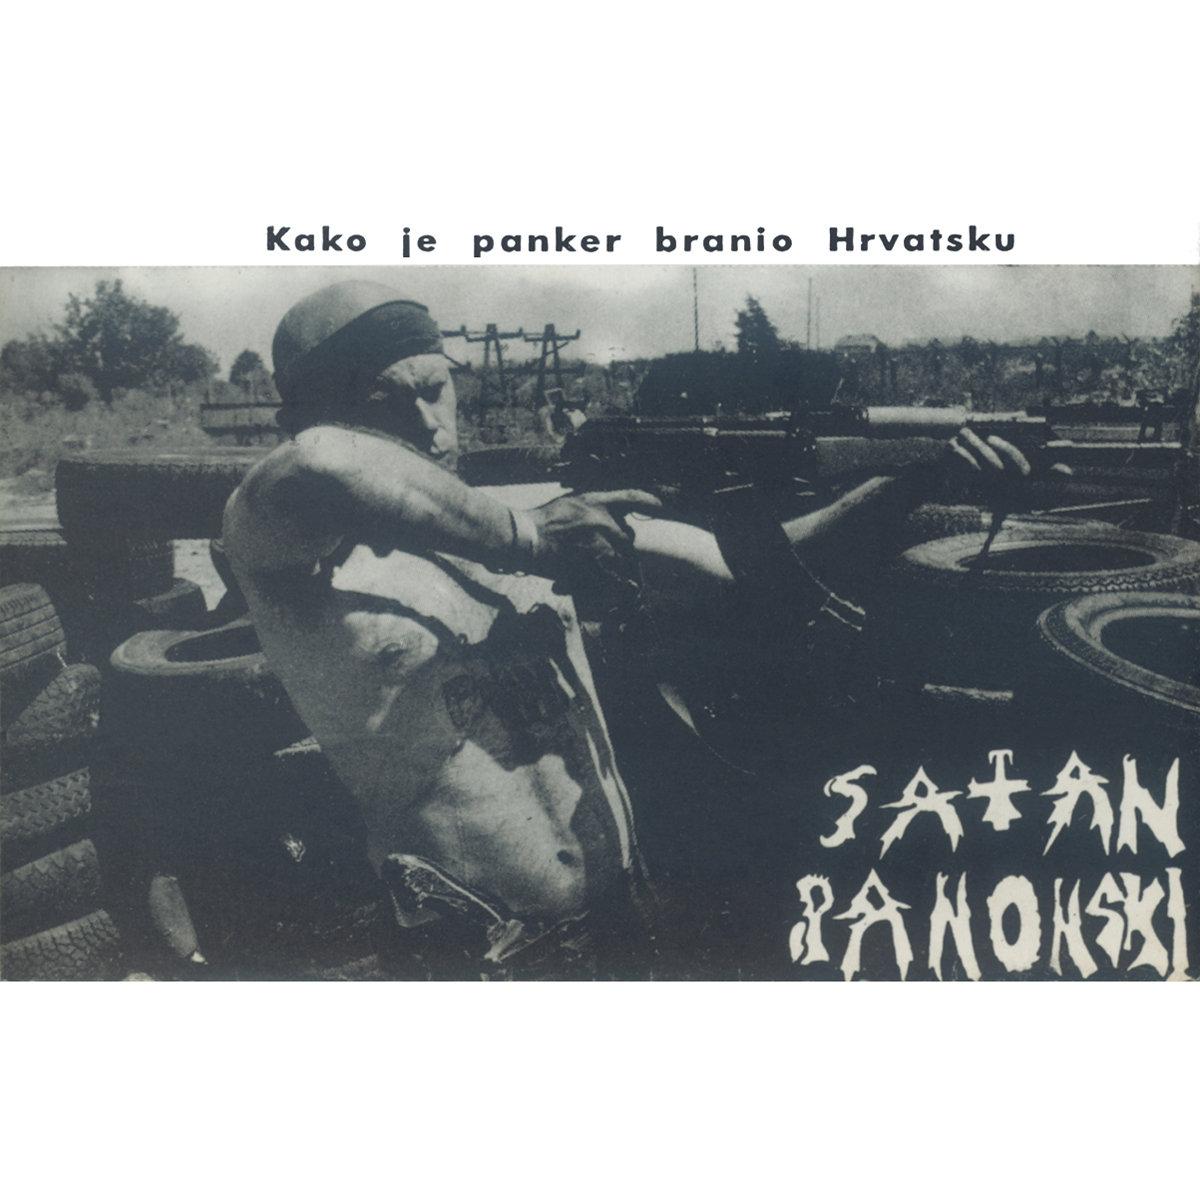 satan panonski - kako je panker branio hrvatsku